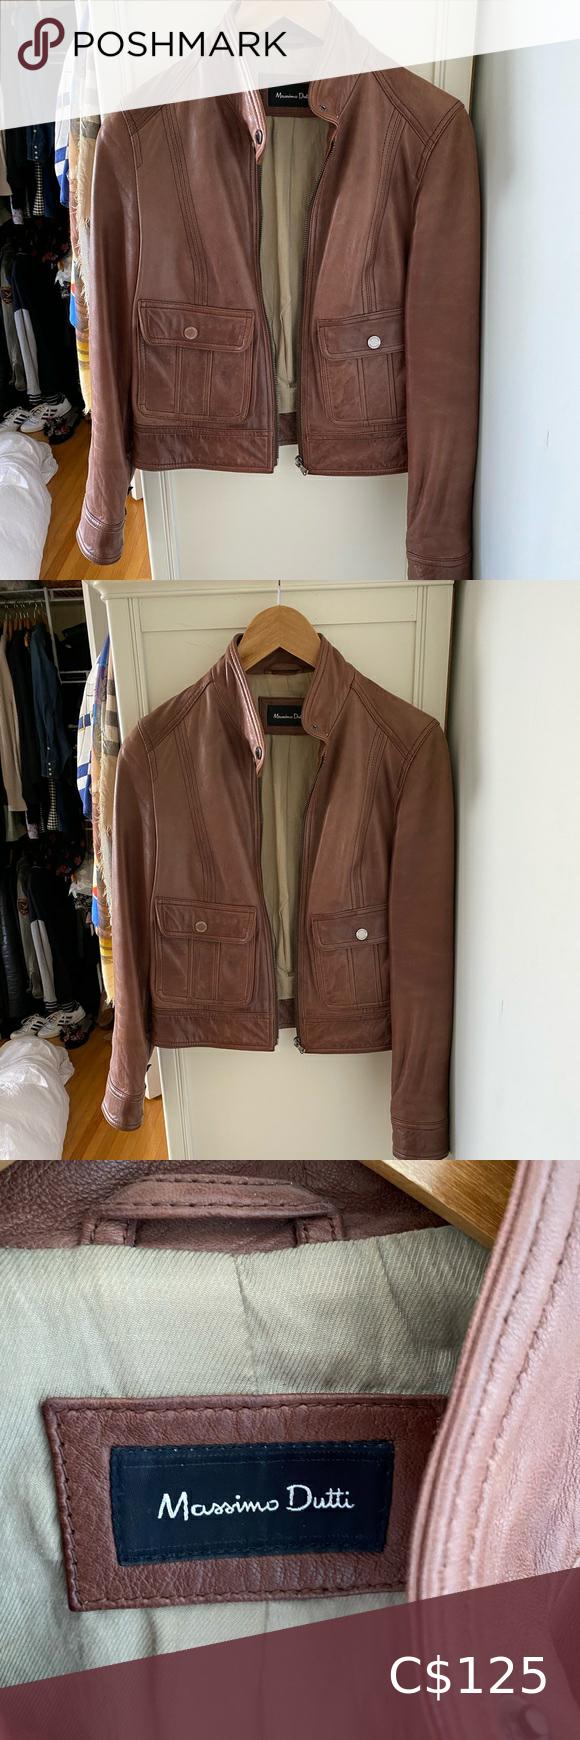 Massimo Dutti Leather Jacket Leather Jackets Women Jackets Leather Jacket